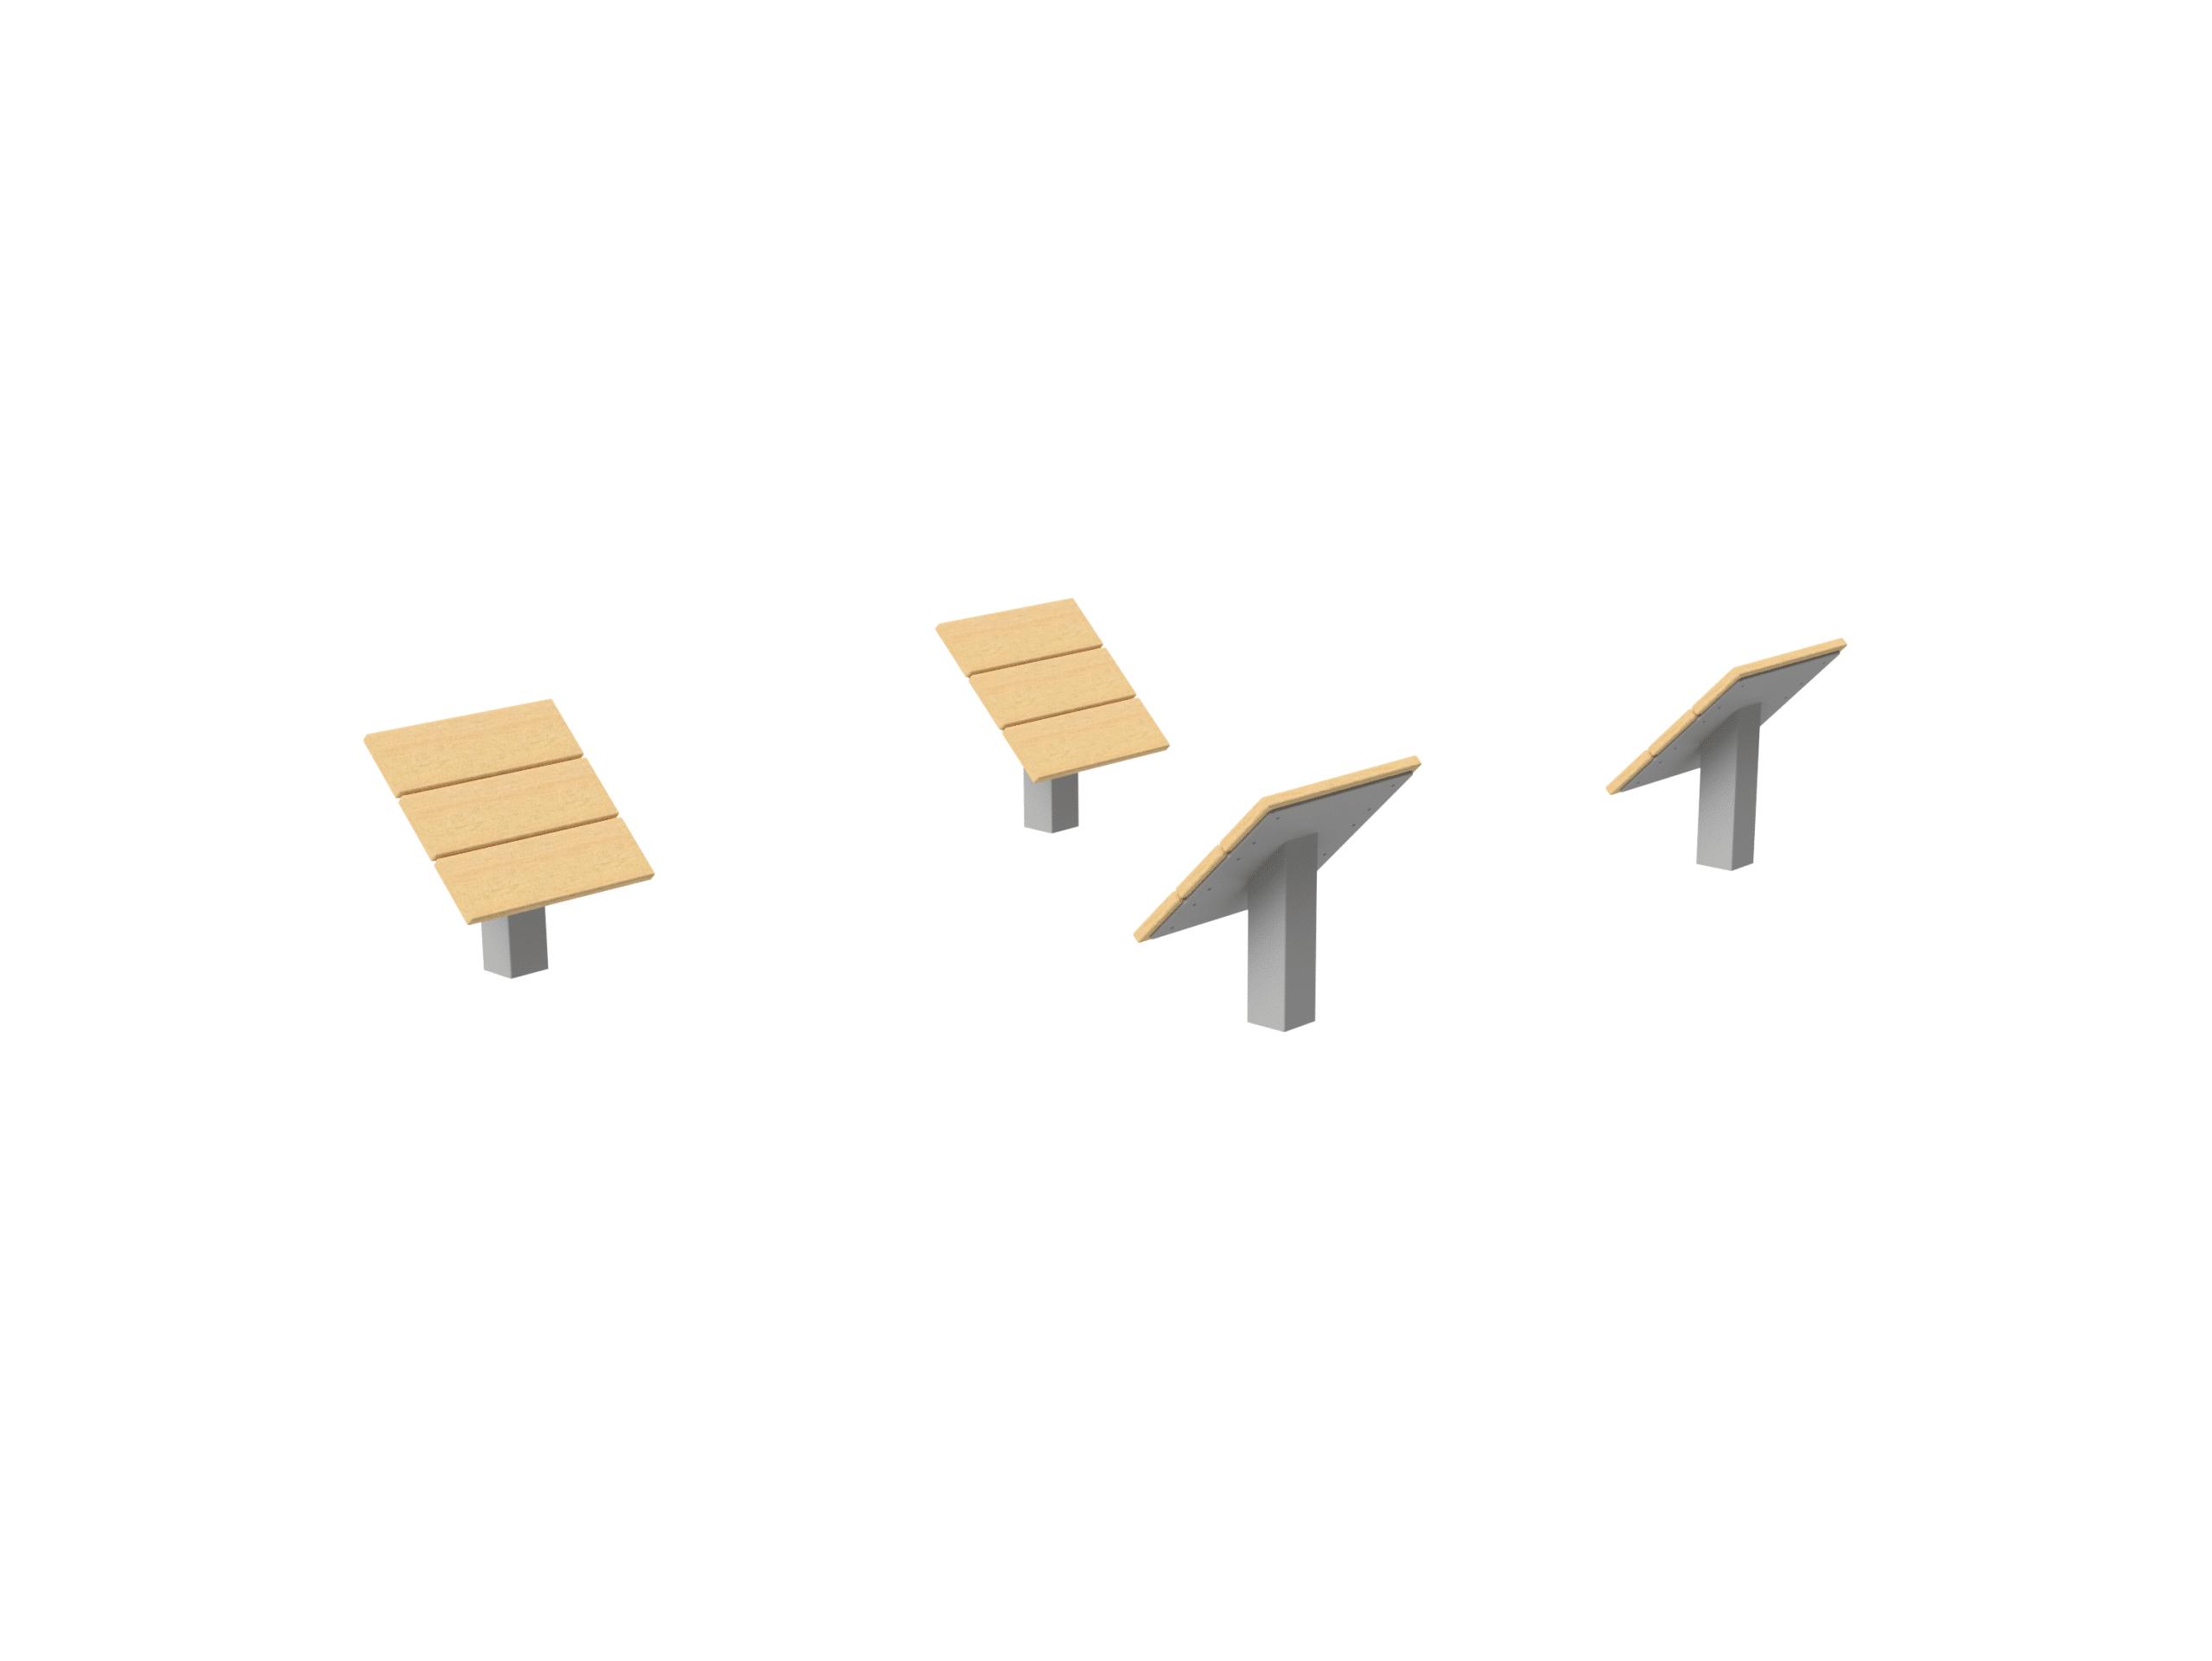 Ninja Angled Wall Jumps